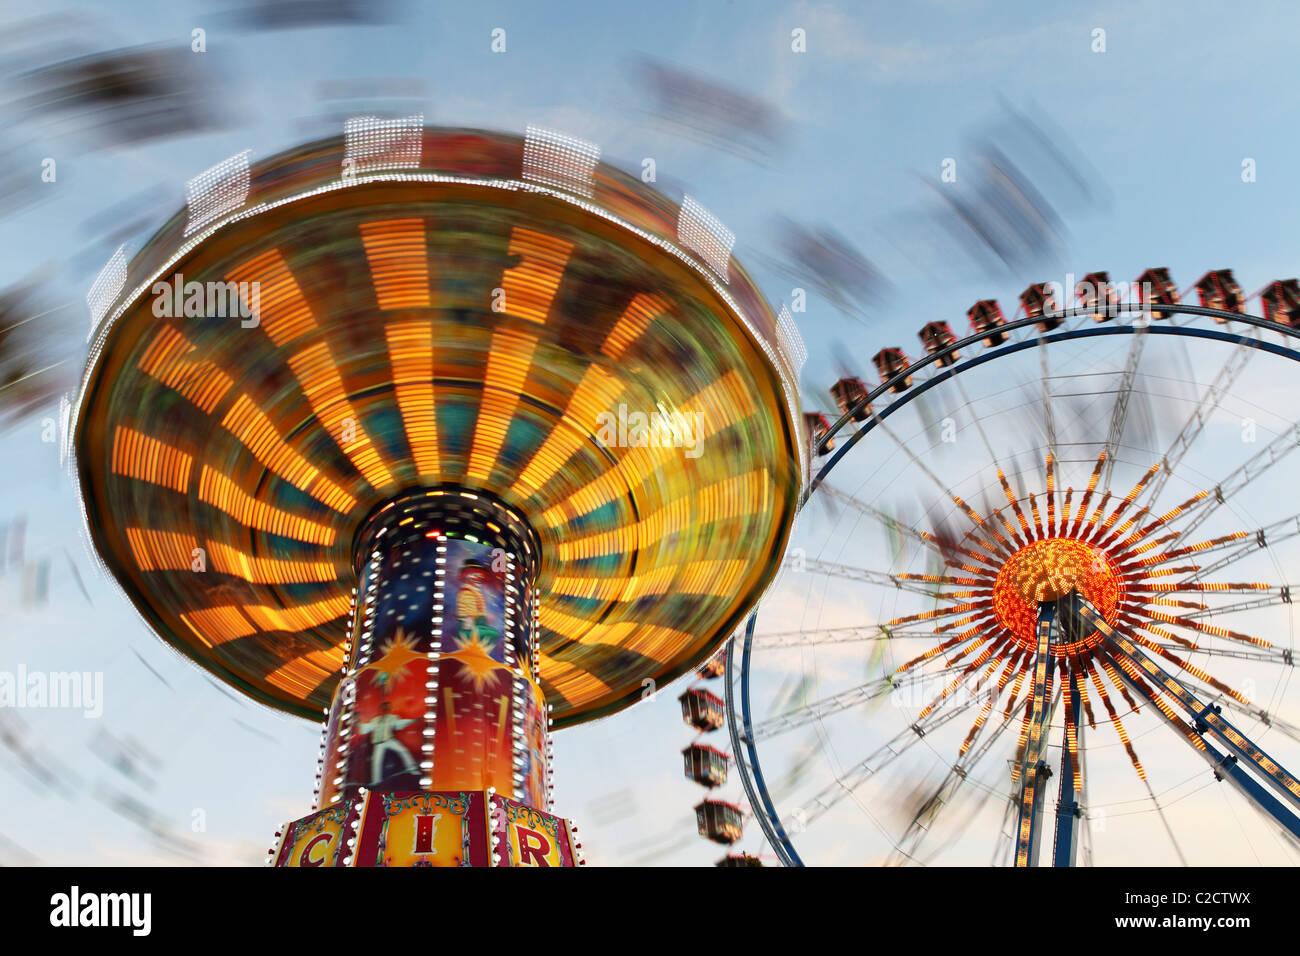 Un carosello di filatura e la grande ruota, parte dell'Oktoberfest luna park impostare ogni autunno sul Theresienwiesen Immagini Stock